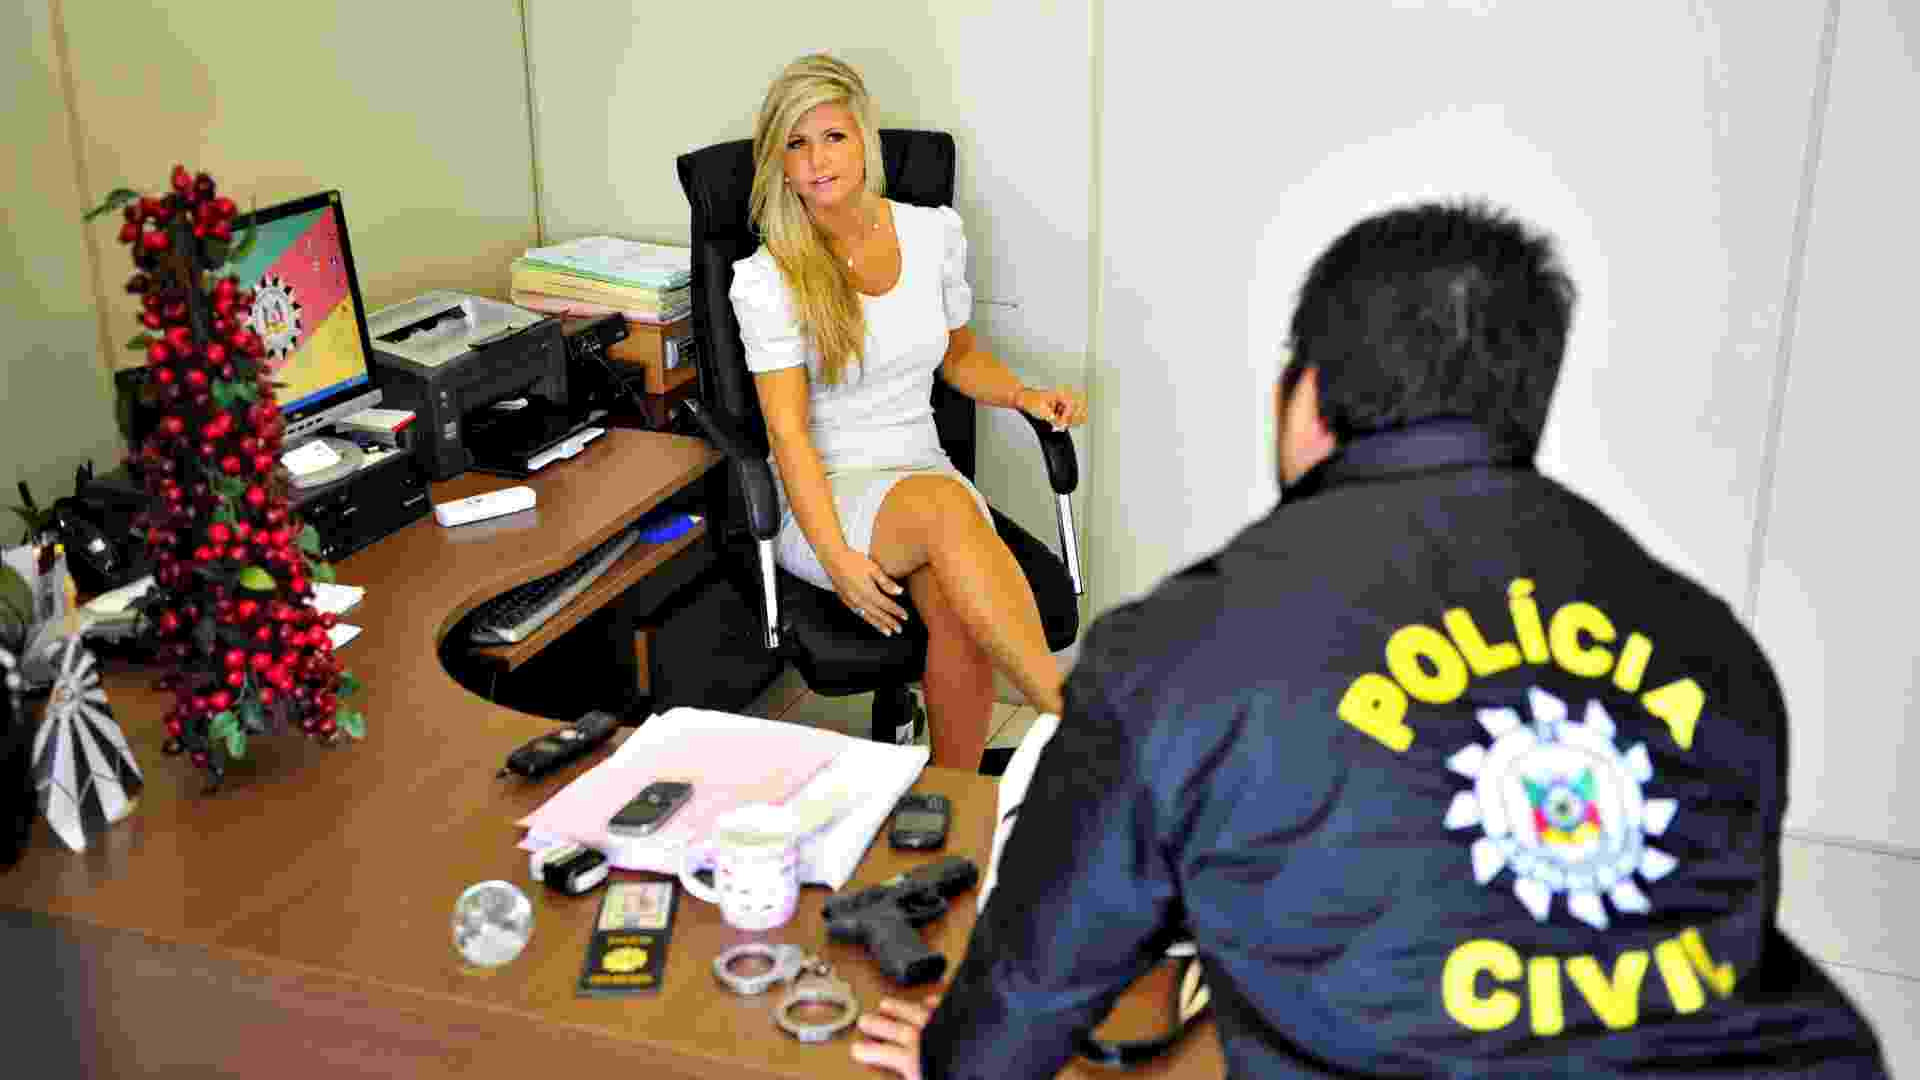 13.dez.2012 - A delegada de polícia de Taquara (RS), Andréia Nicotti, conversa com um policial. A partir do ingresso, em 2010, de 66 delegadas na Polícia Civil do Rio Grande do Sul, o número de mulheres no cargo saltou de 14% para 27,6% no Estado, totalizando atualmente 144 delegadas - Adriana Franciosi/Agência RBS